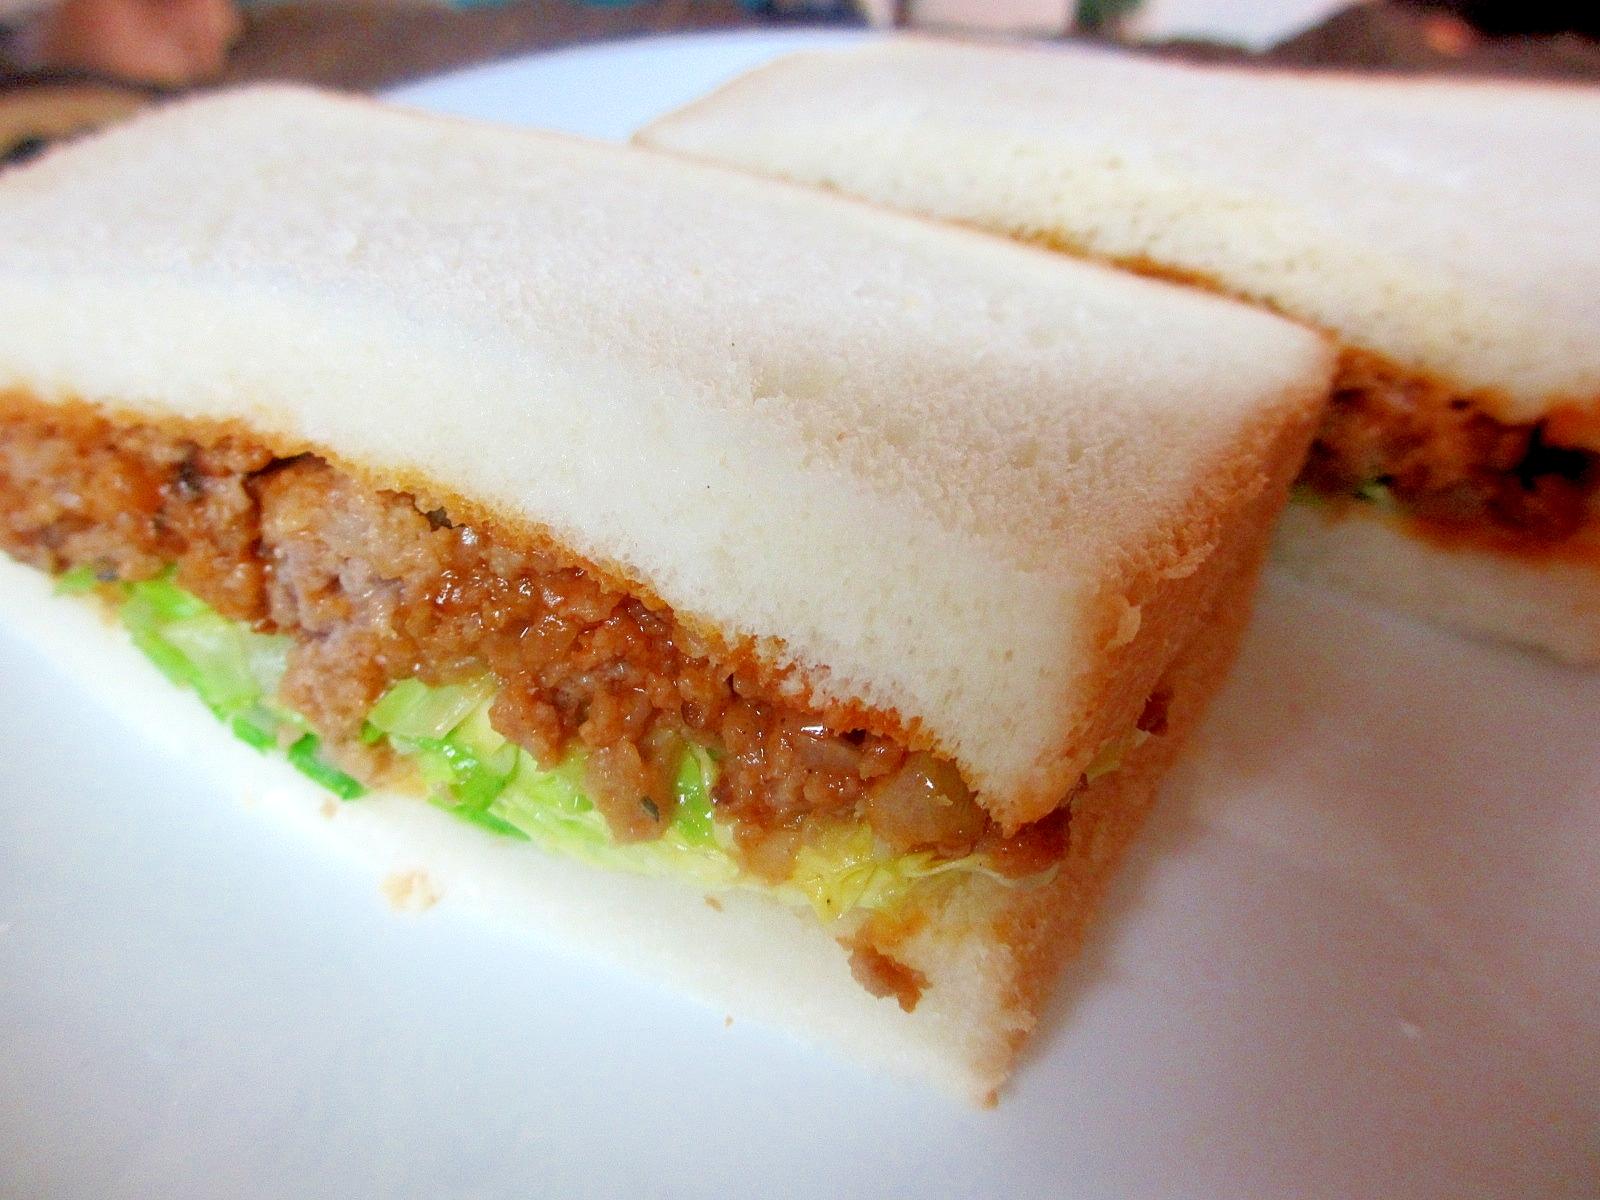 ミートソースとキャベツのサンドイッチ